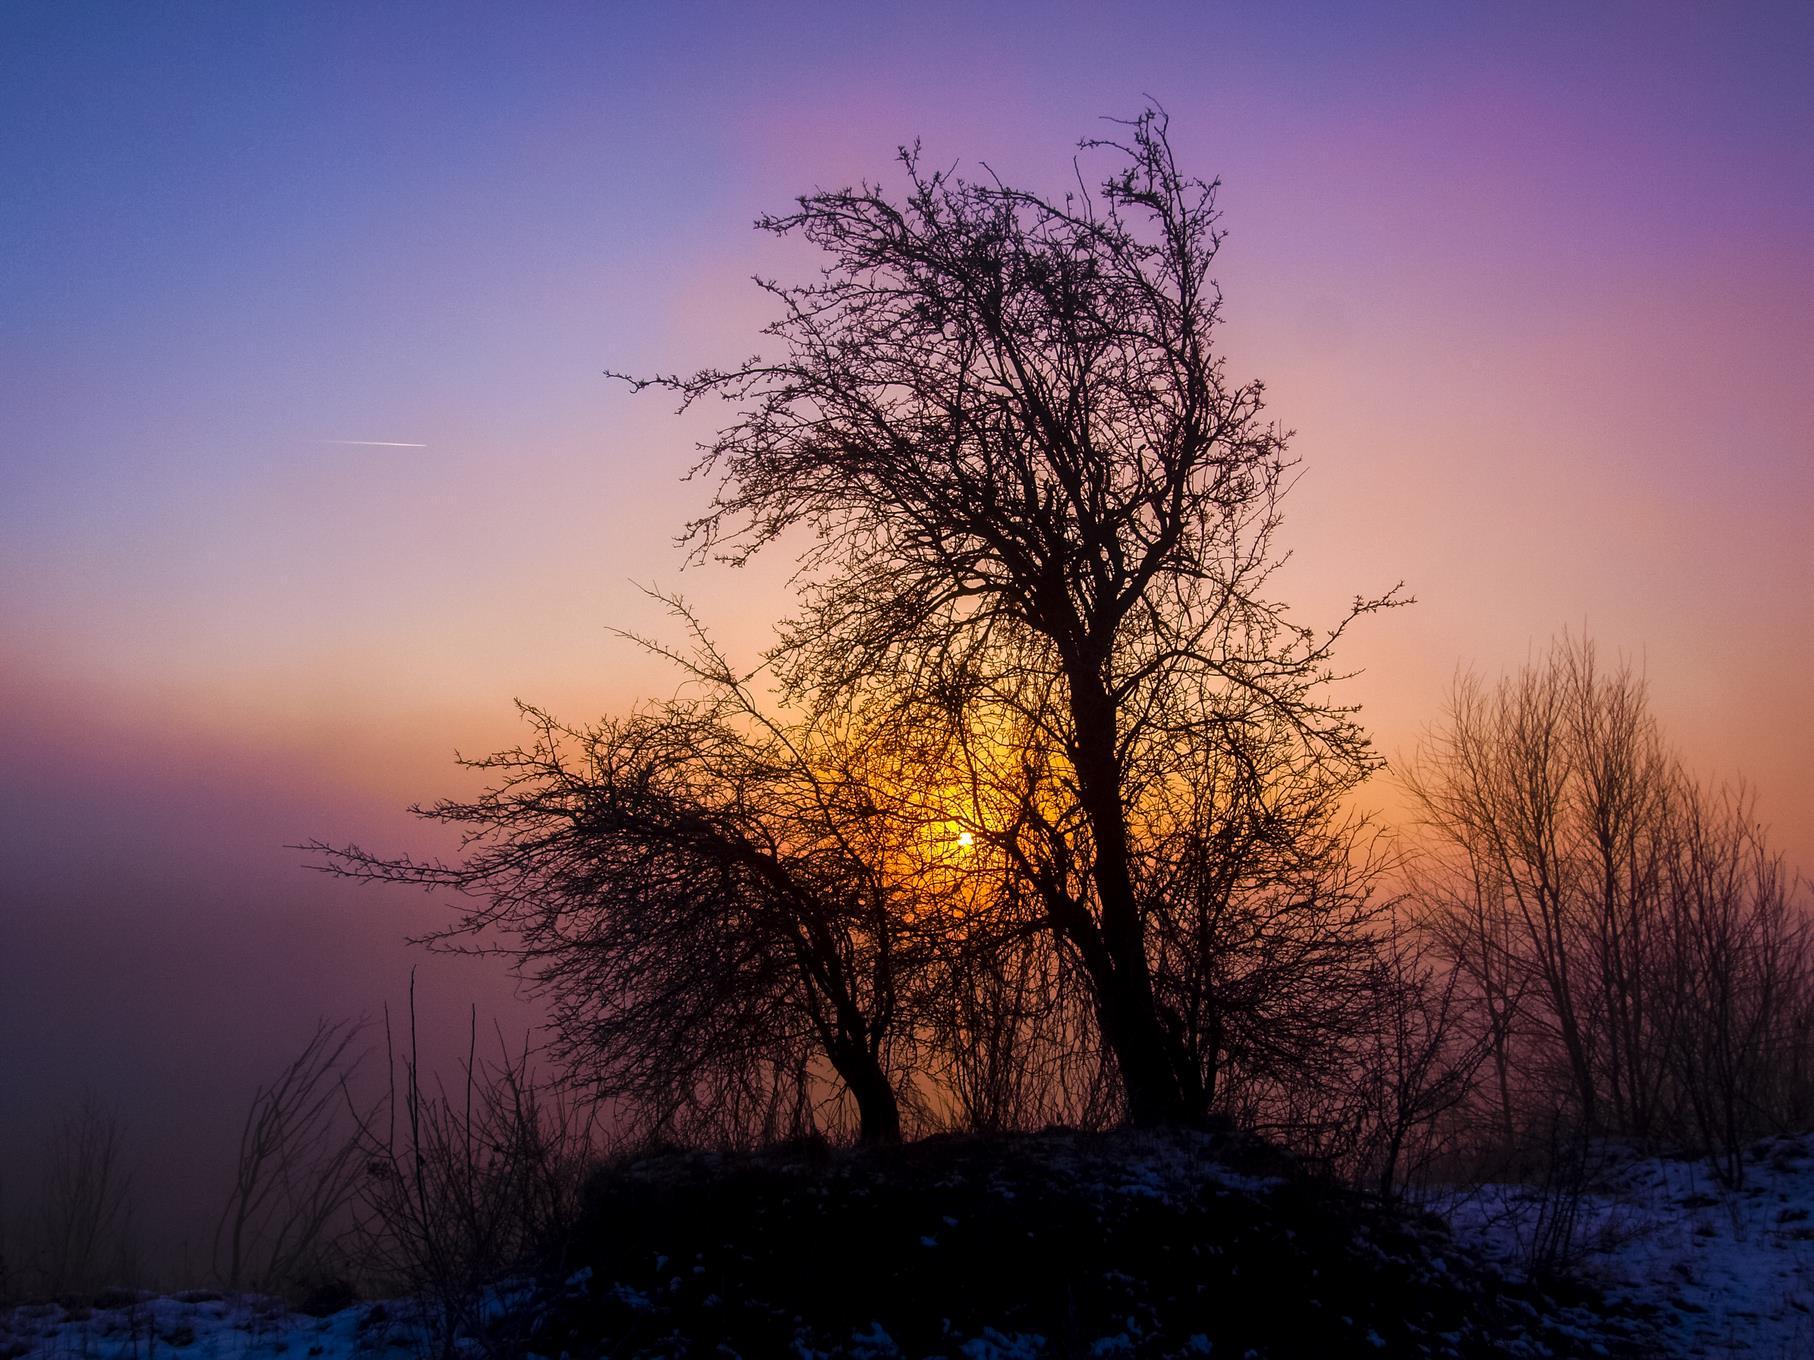 Ein Baum am Rundweg in der Morgensonne.